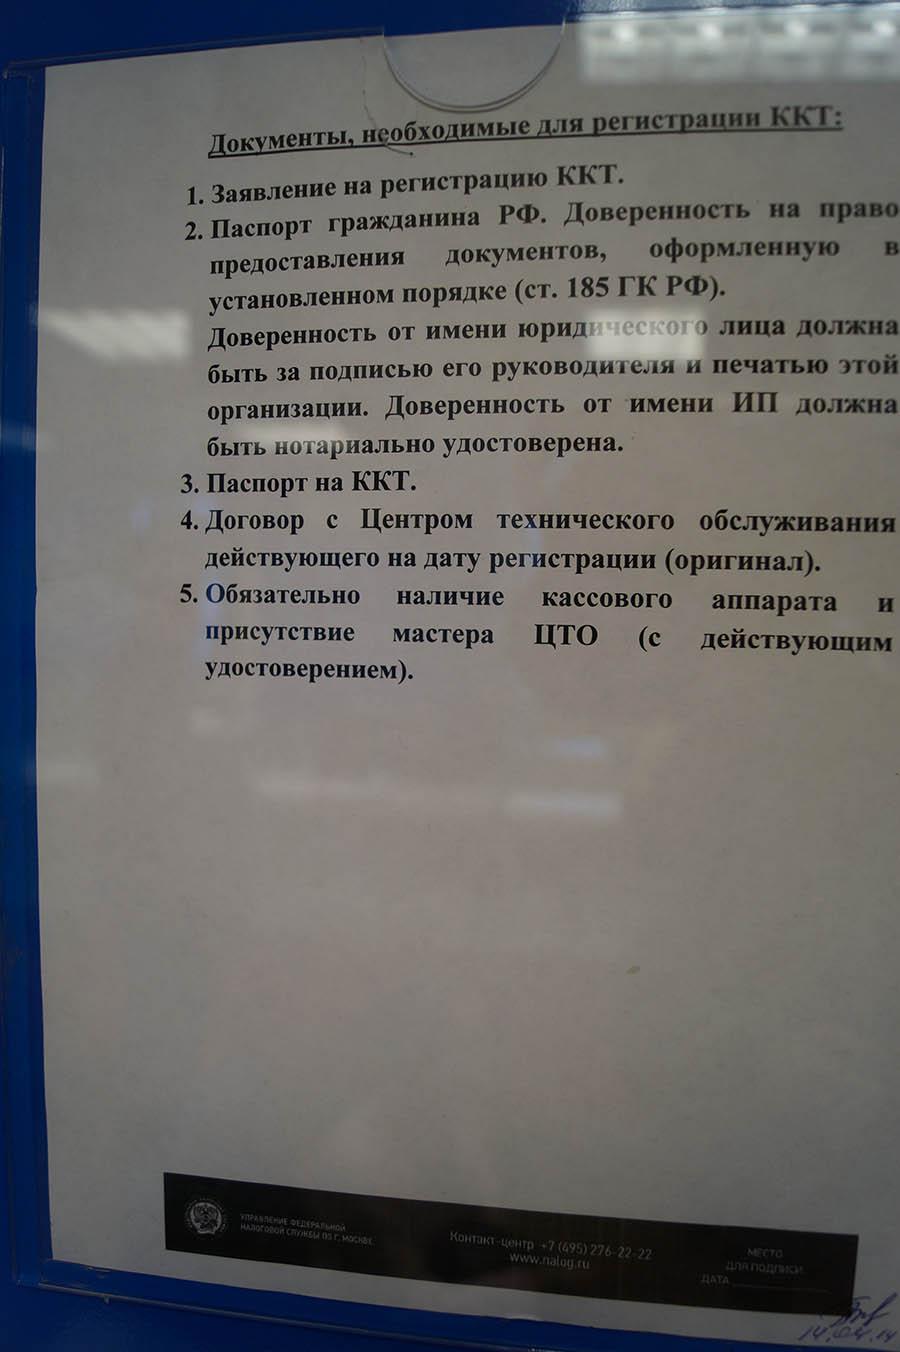 www.nalog 59.ru получение инн физического лица бланк